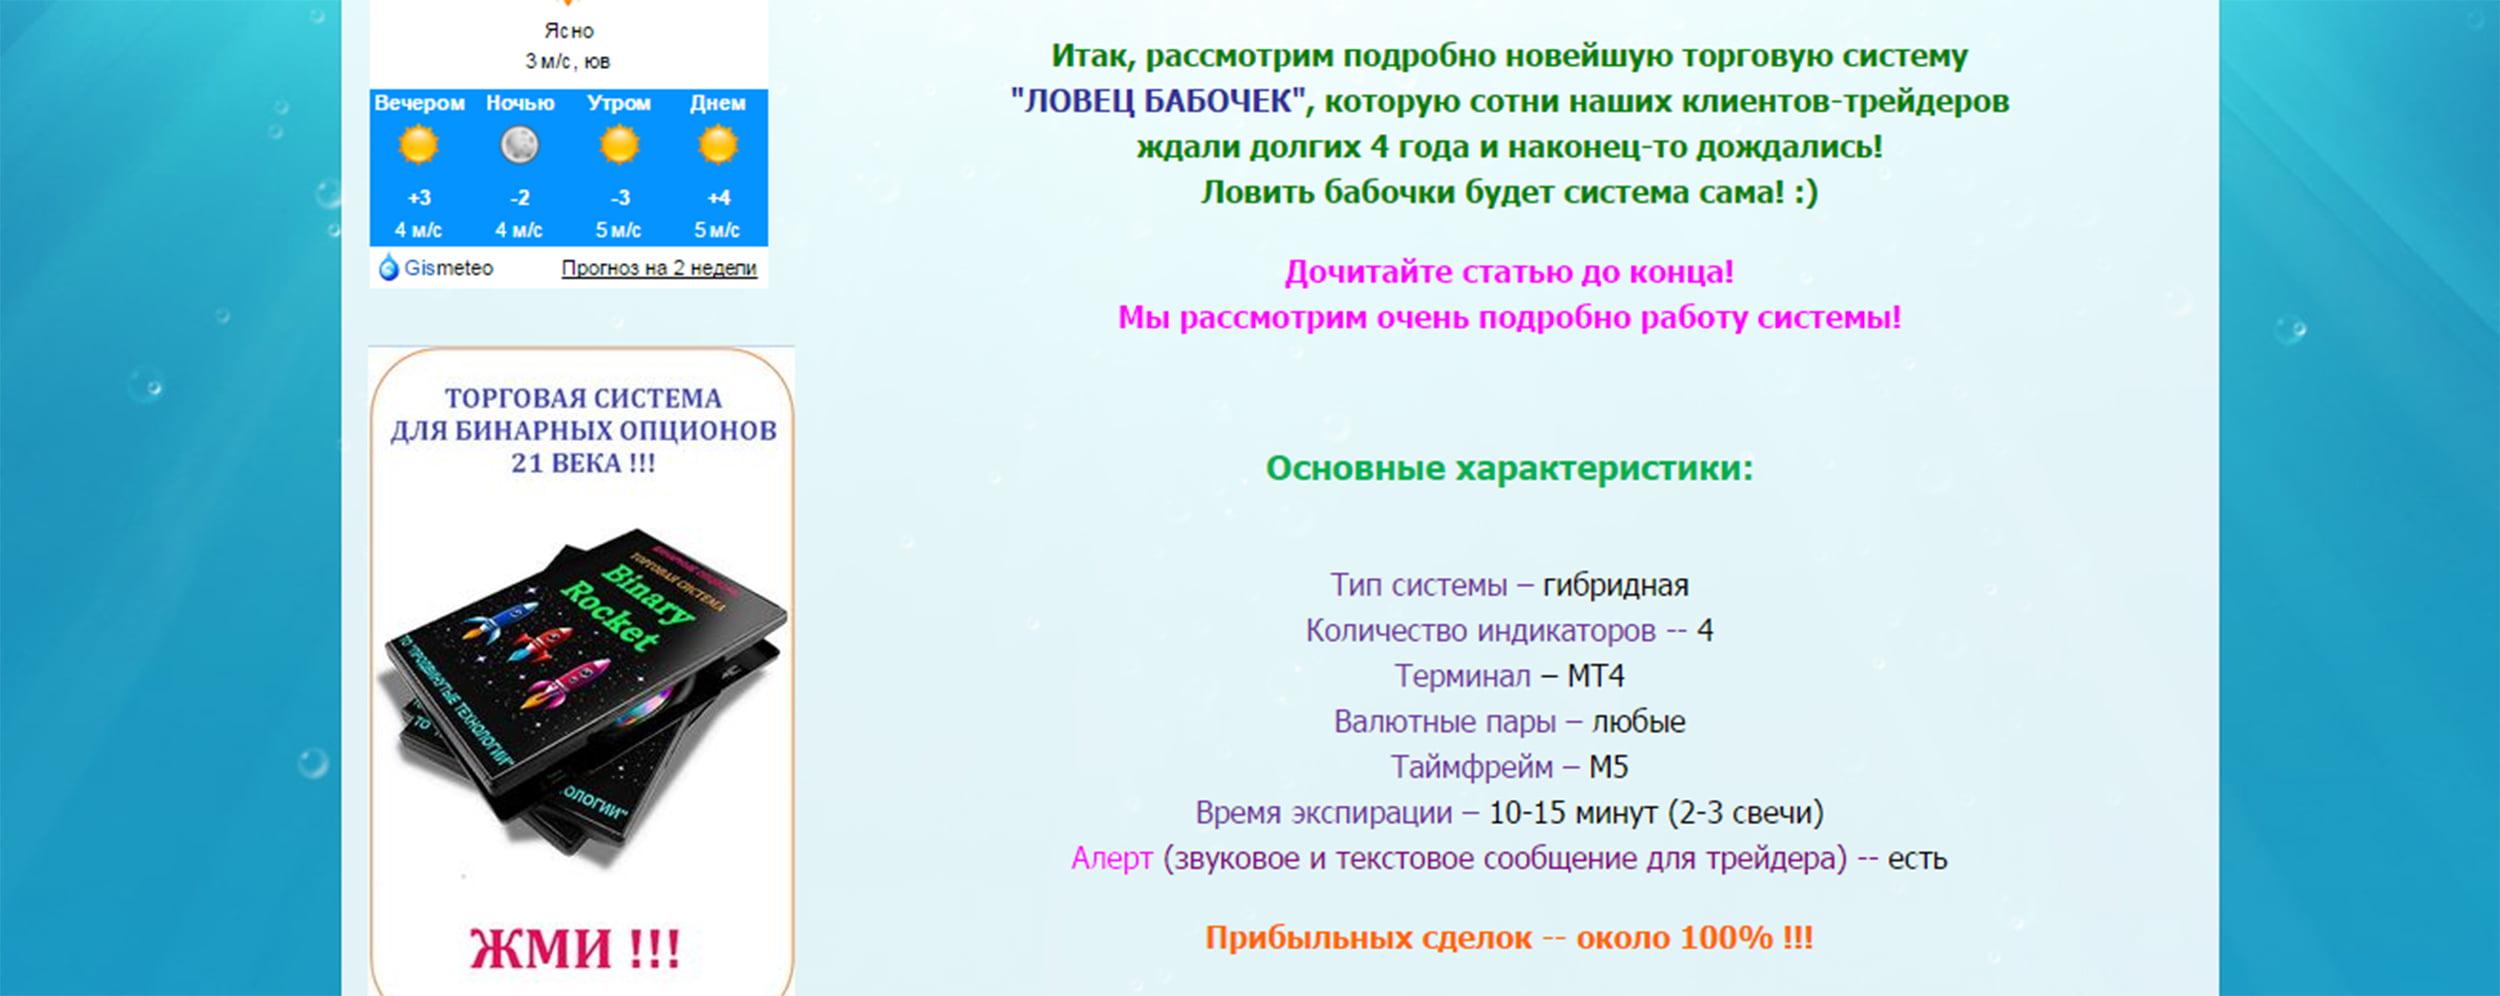 Коммерческая версия ТС «Ловец бабочек»